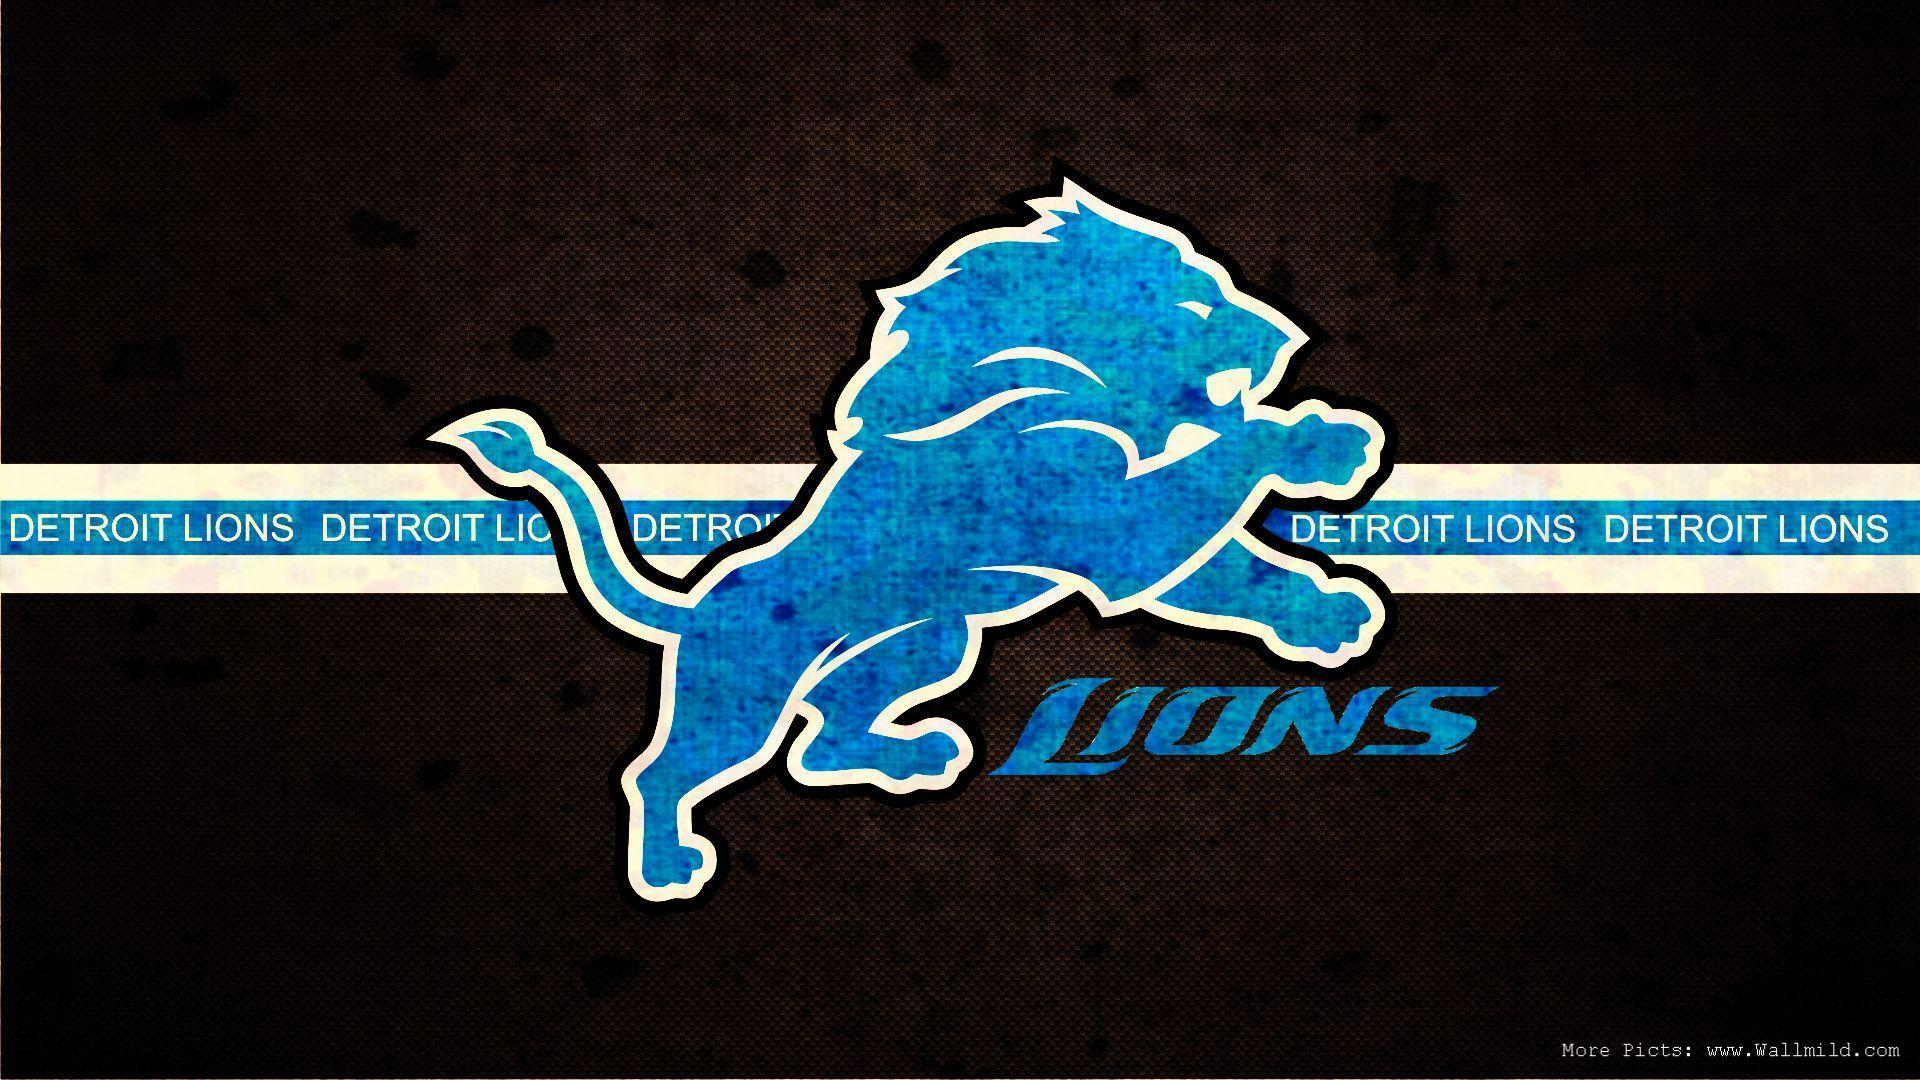 Detroit Lions 2017 Wallpapers